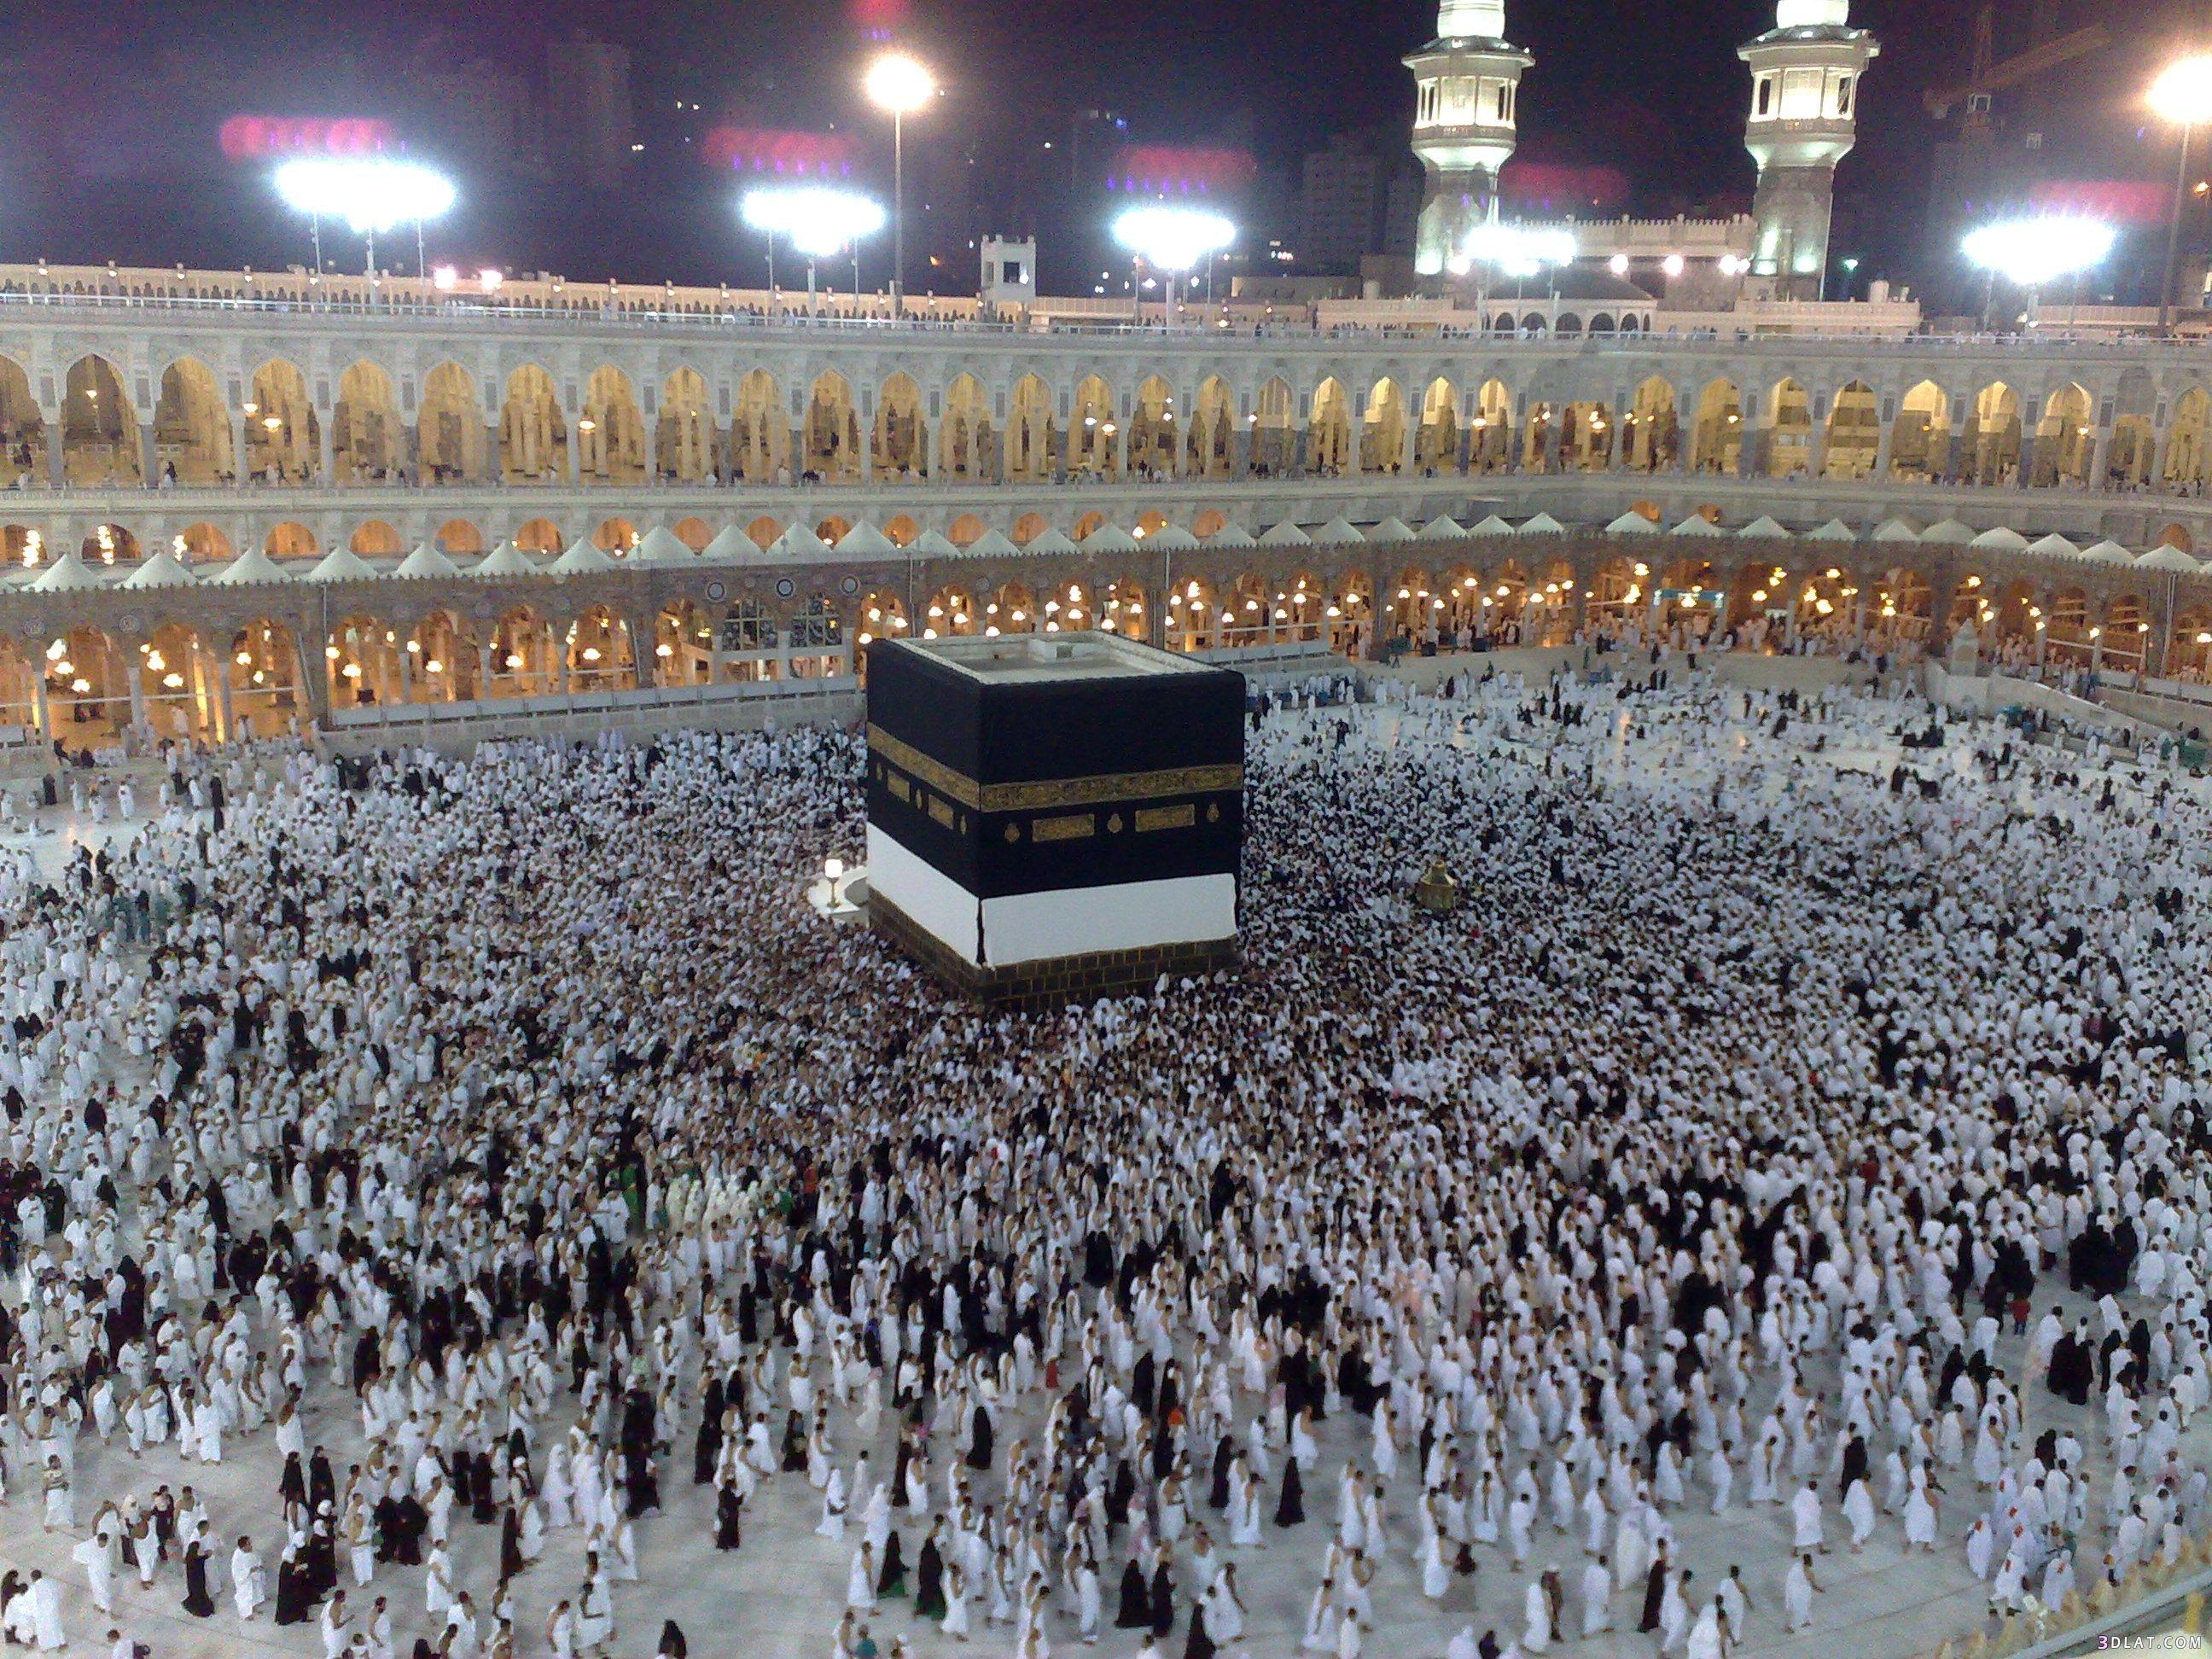 الكعبة الكعبة صور رائعه للكعبة الكعبة المشرفة صور قبلة المسلمين 136044015115 Jpg Photo Concert Eid